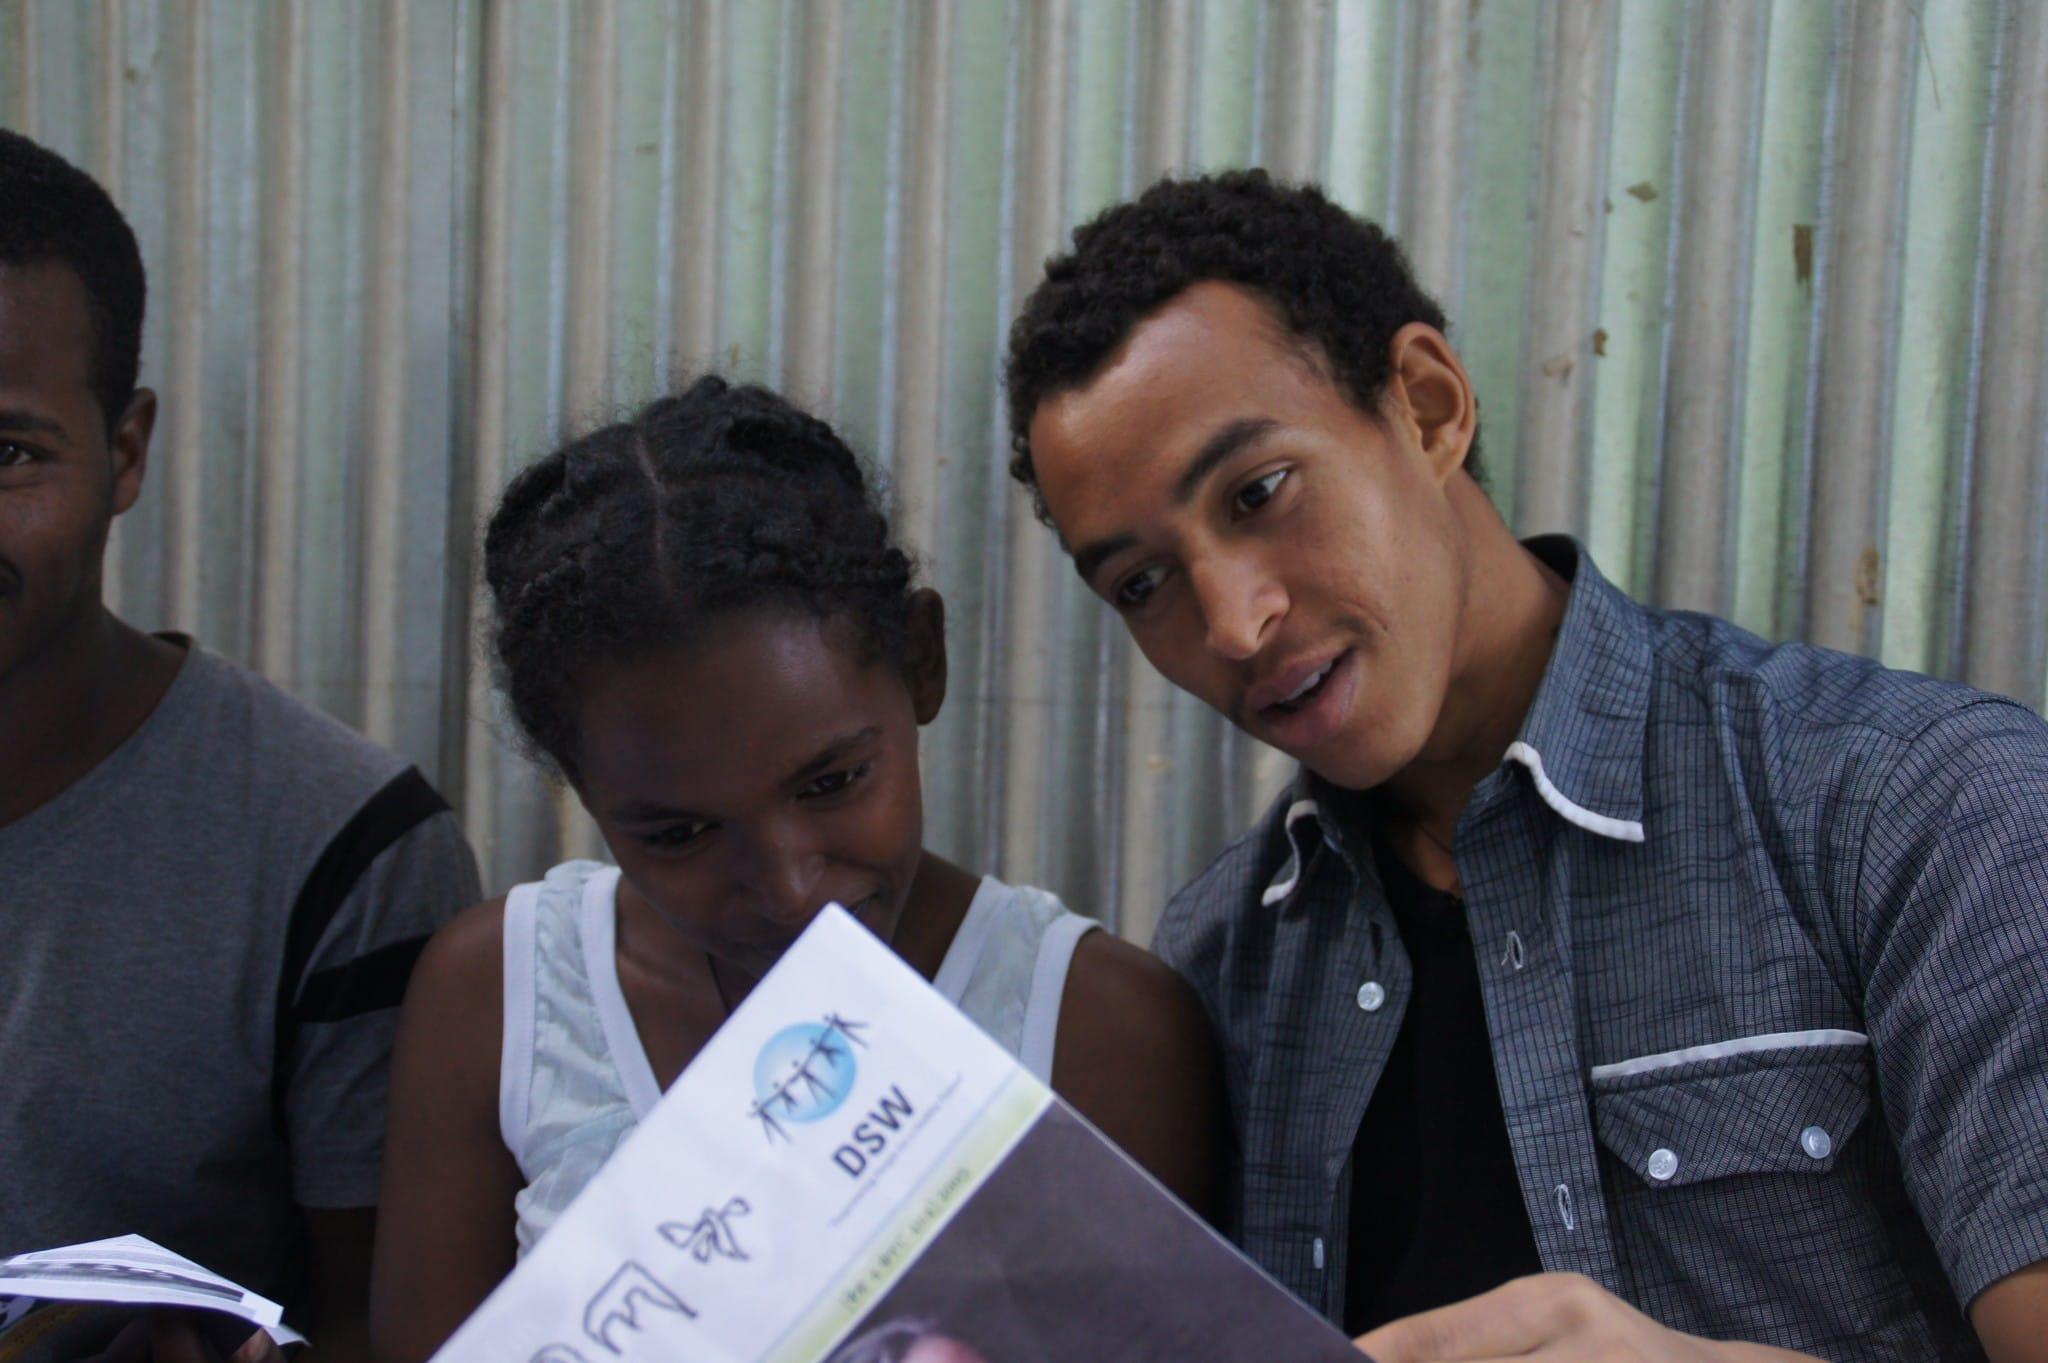 Jugendliche in Äthiopien engagieren sich gegen Aids – mit Unterstützung der DSW